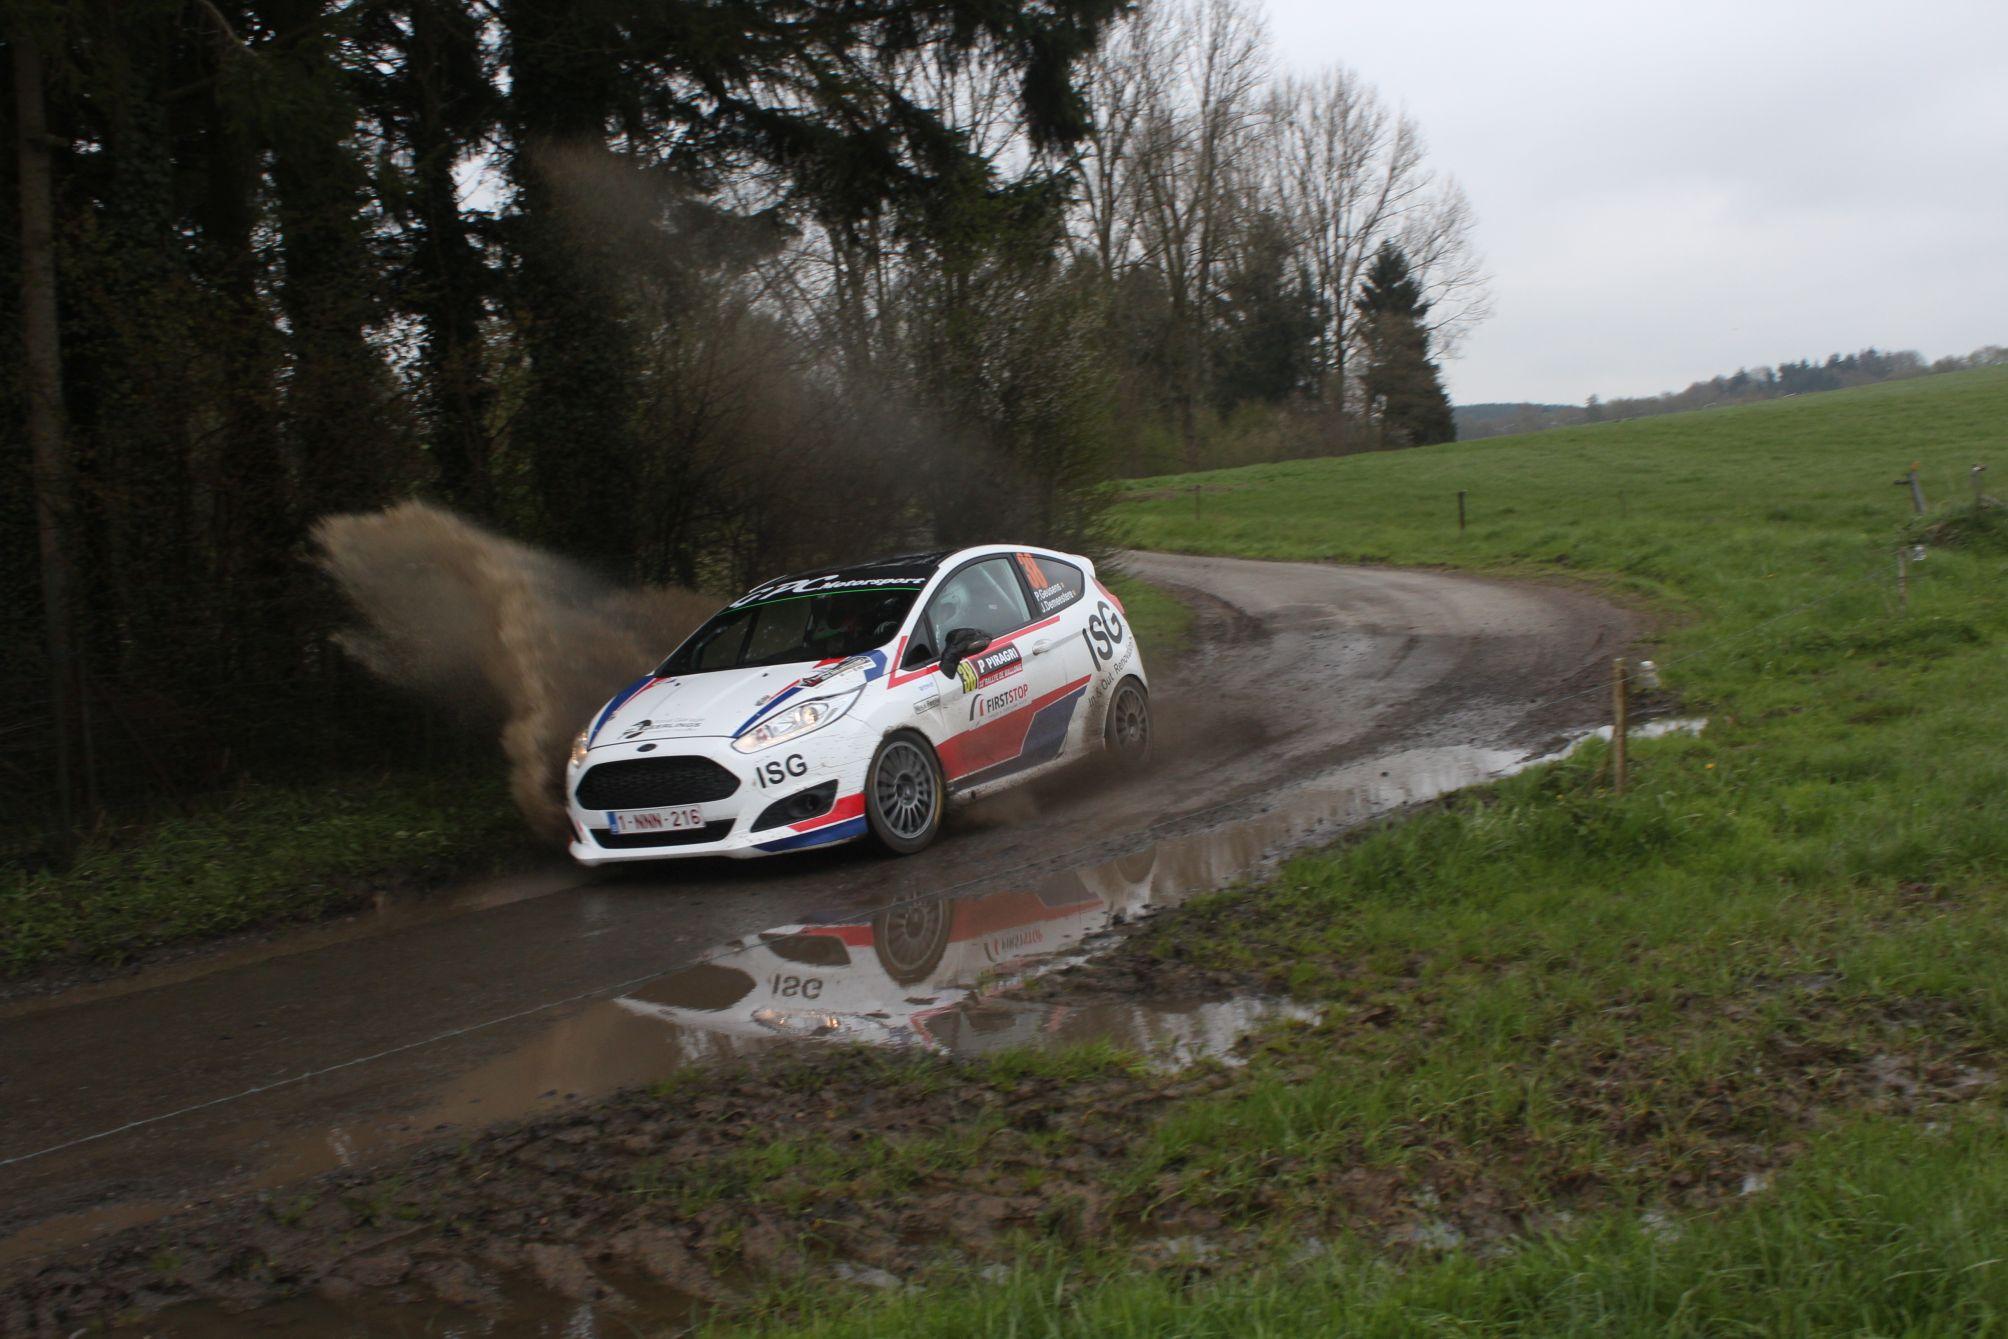 Spannende strijd verwacht bij de juniors in East Belgian Rally